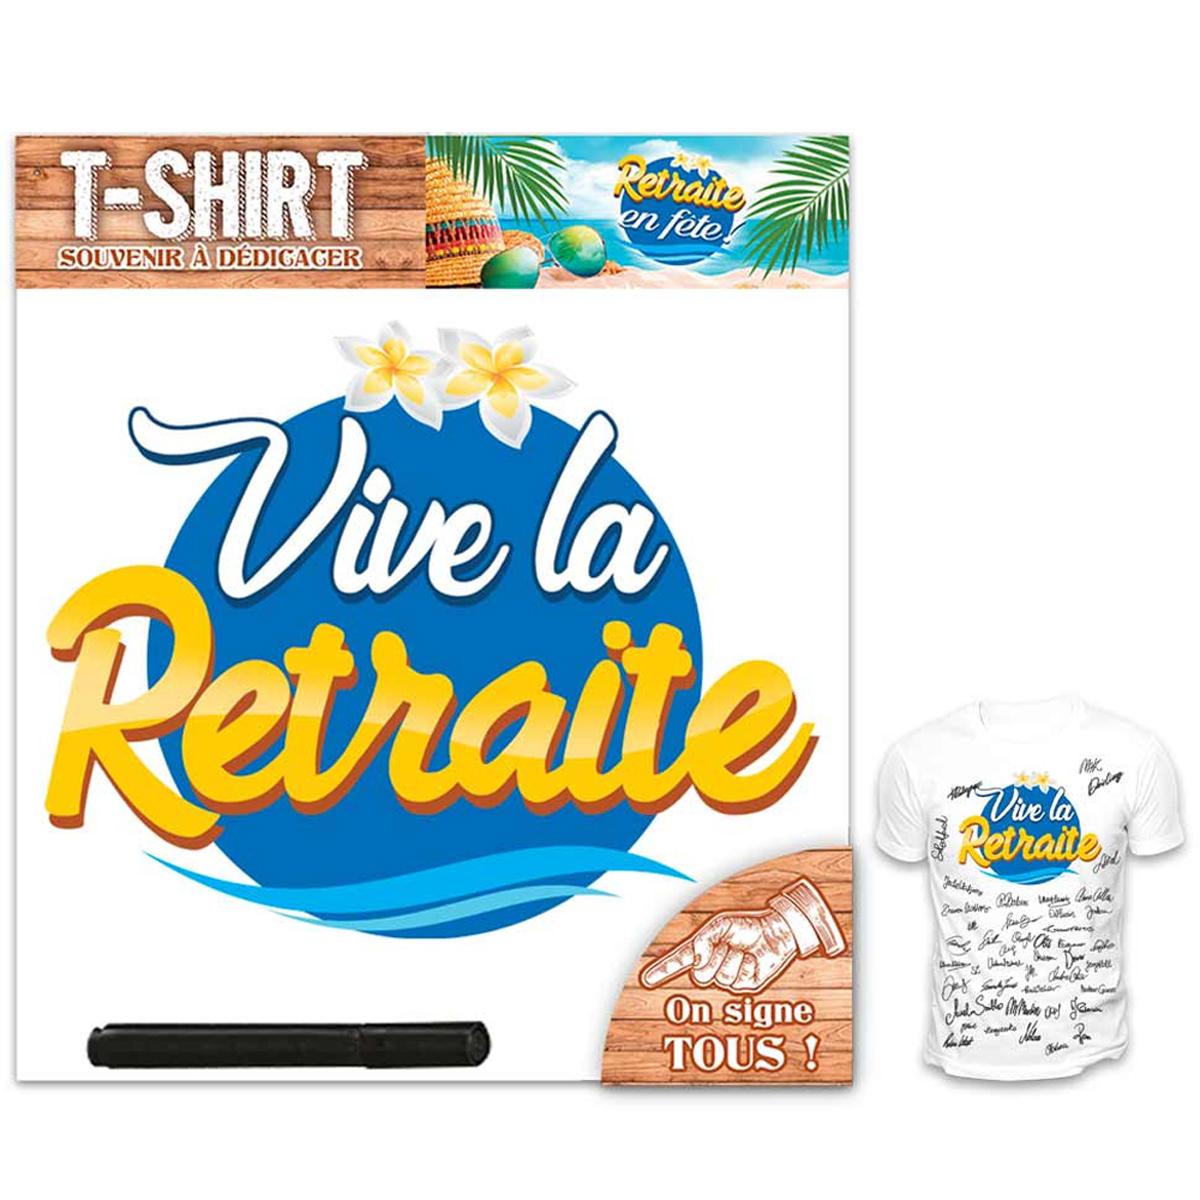 T-shirt \'Retraite\' bleu blanc - homme (dédicace) - [R1414]